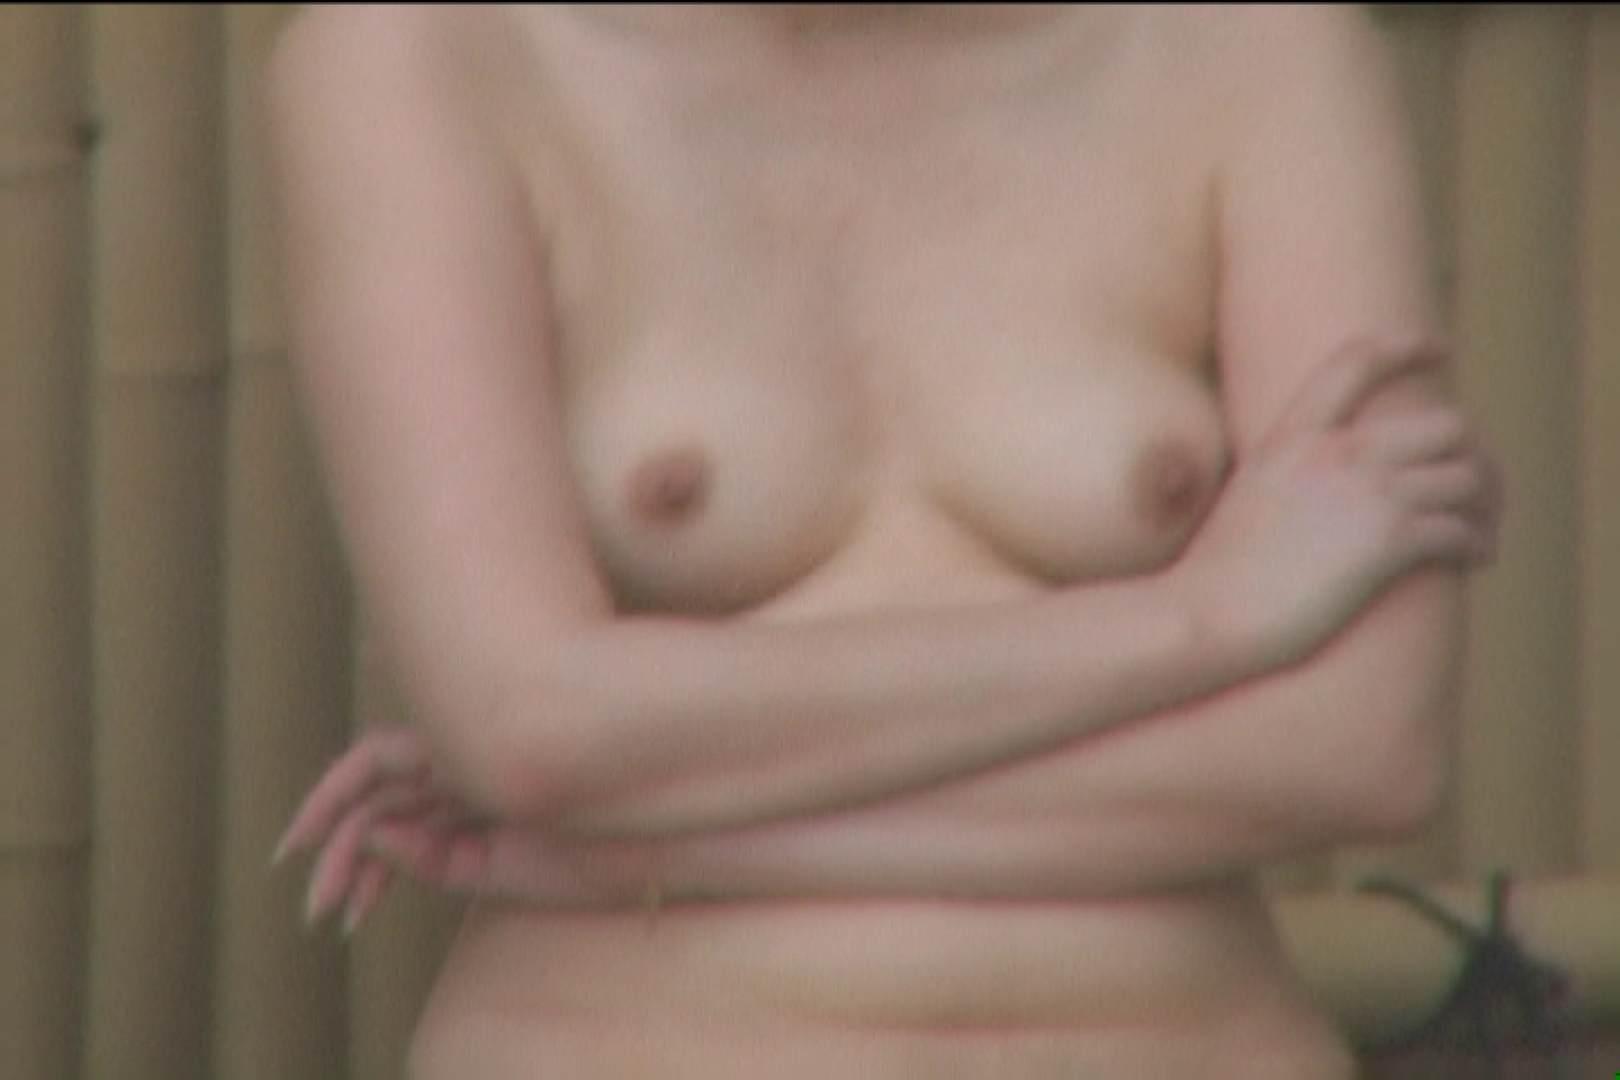 高画質露天女風呂観察 vol.018 乙女のエロ動画 セックス画像 95PIX 20